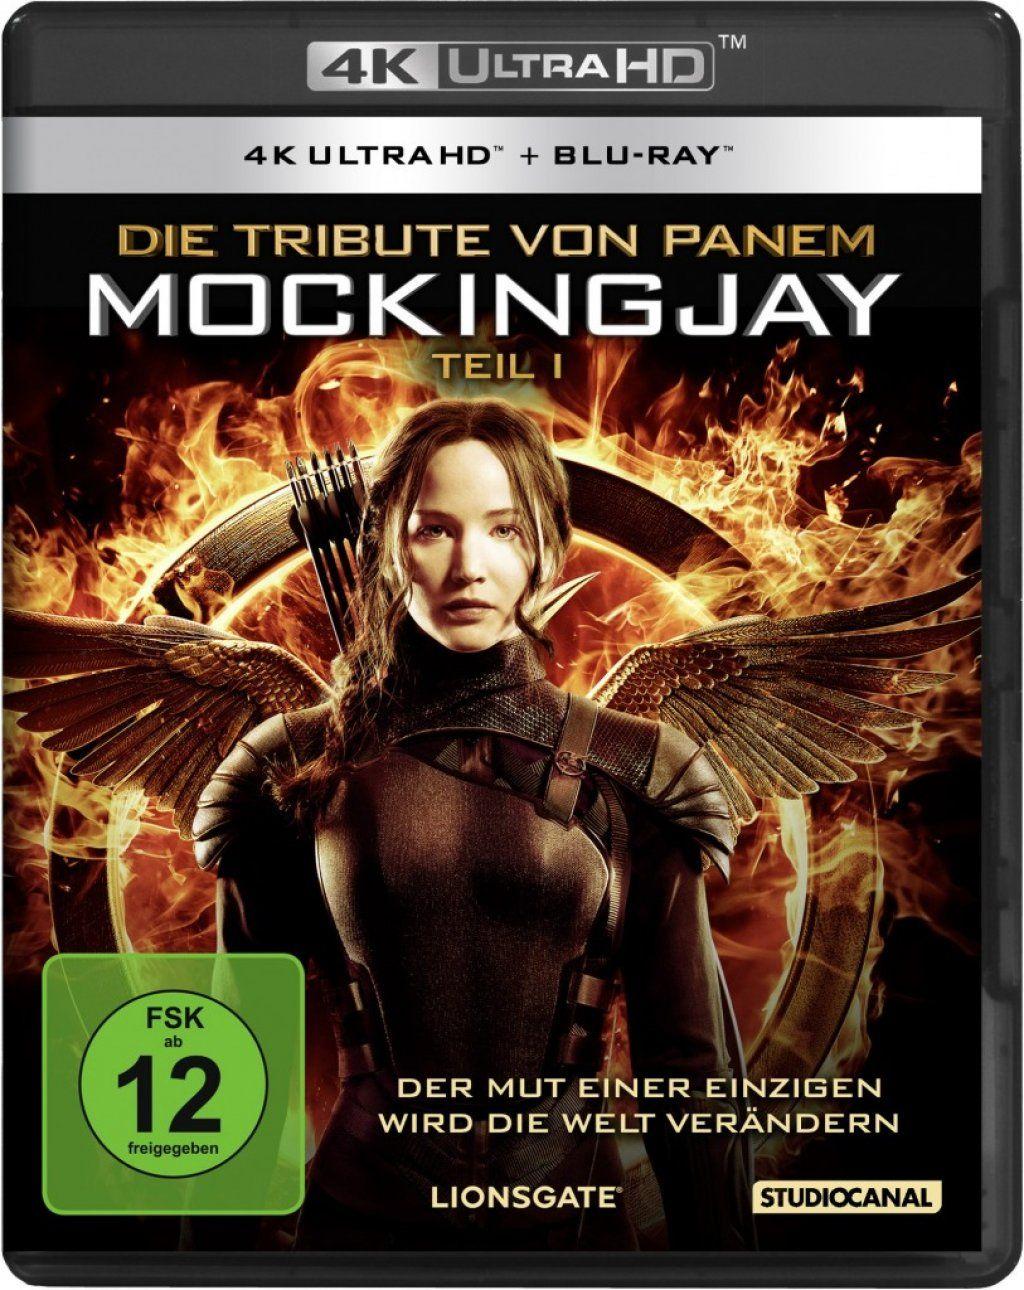 Tribute von Panem, Die - Mockingjay - Teil 1 (2 Discs) (UHD BLURAY + BLURAY)